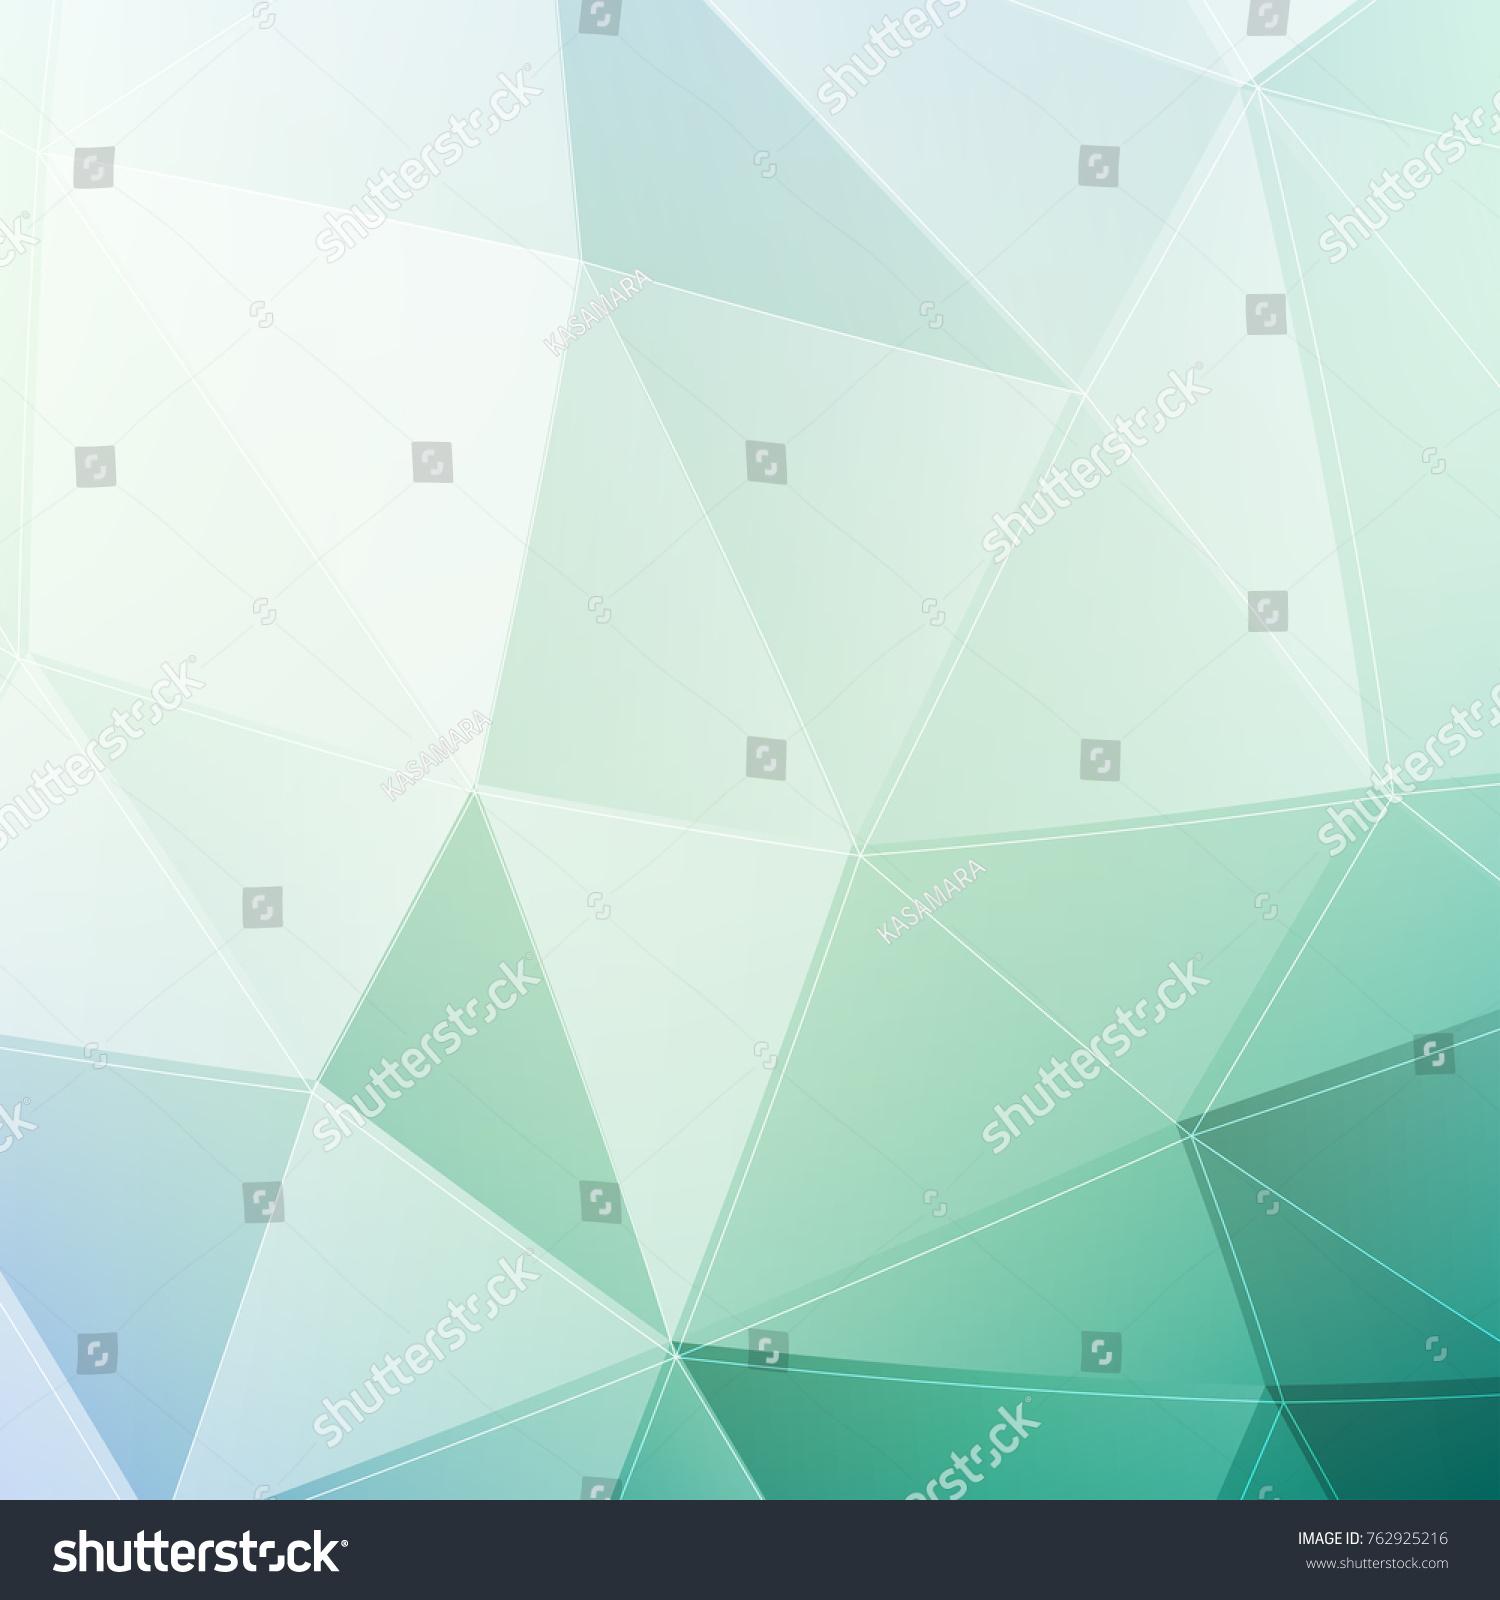 Pastels triangulated photo